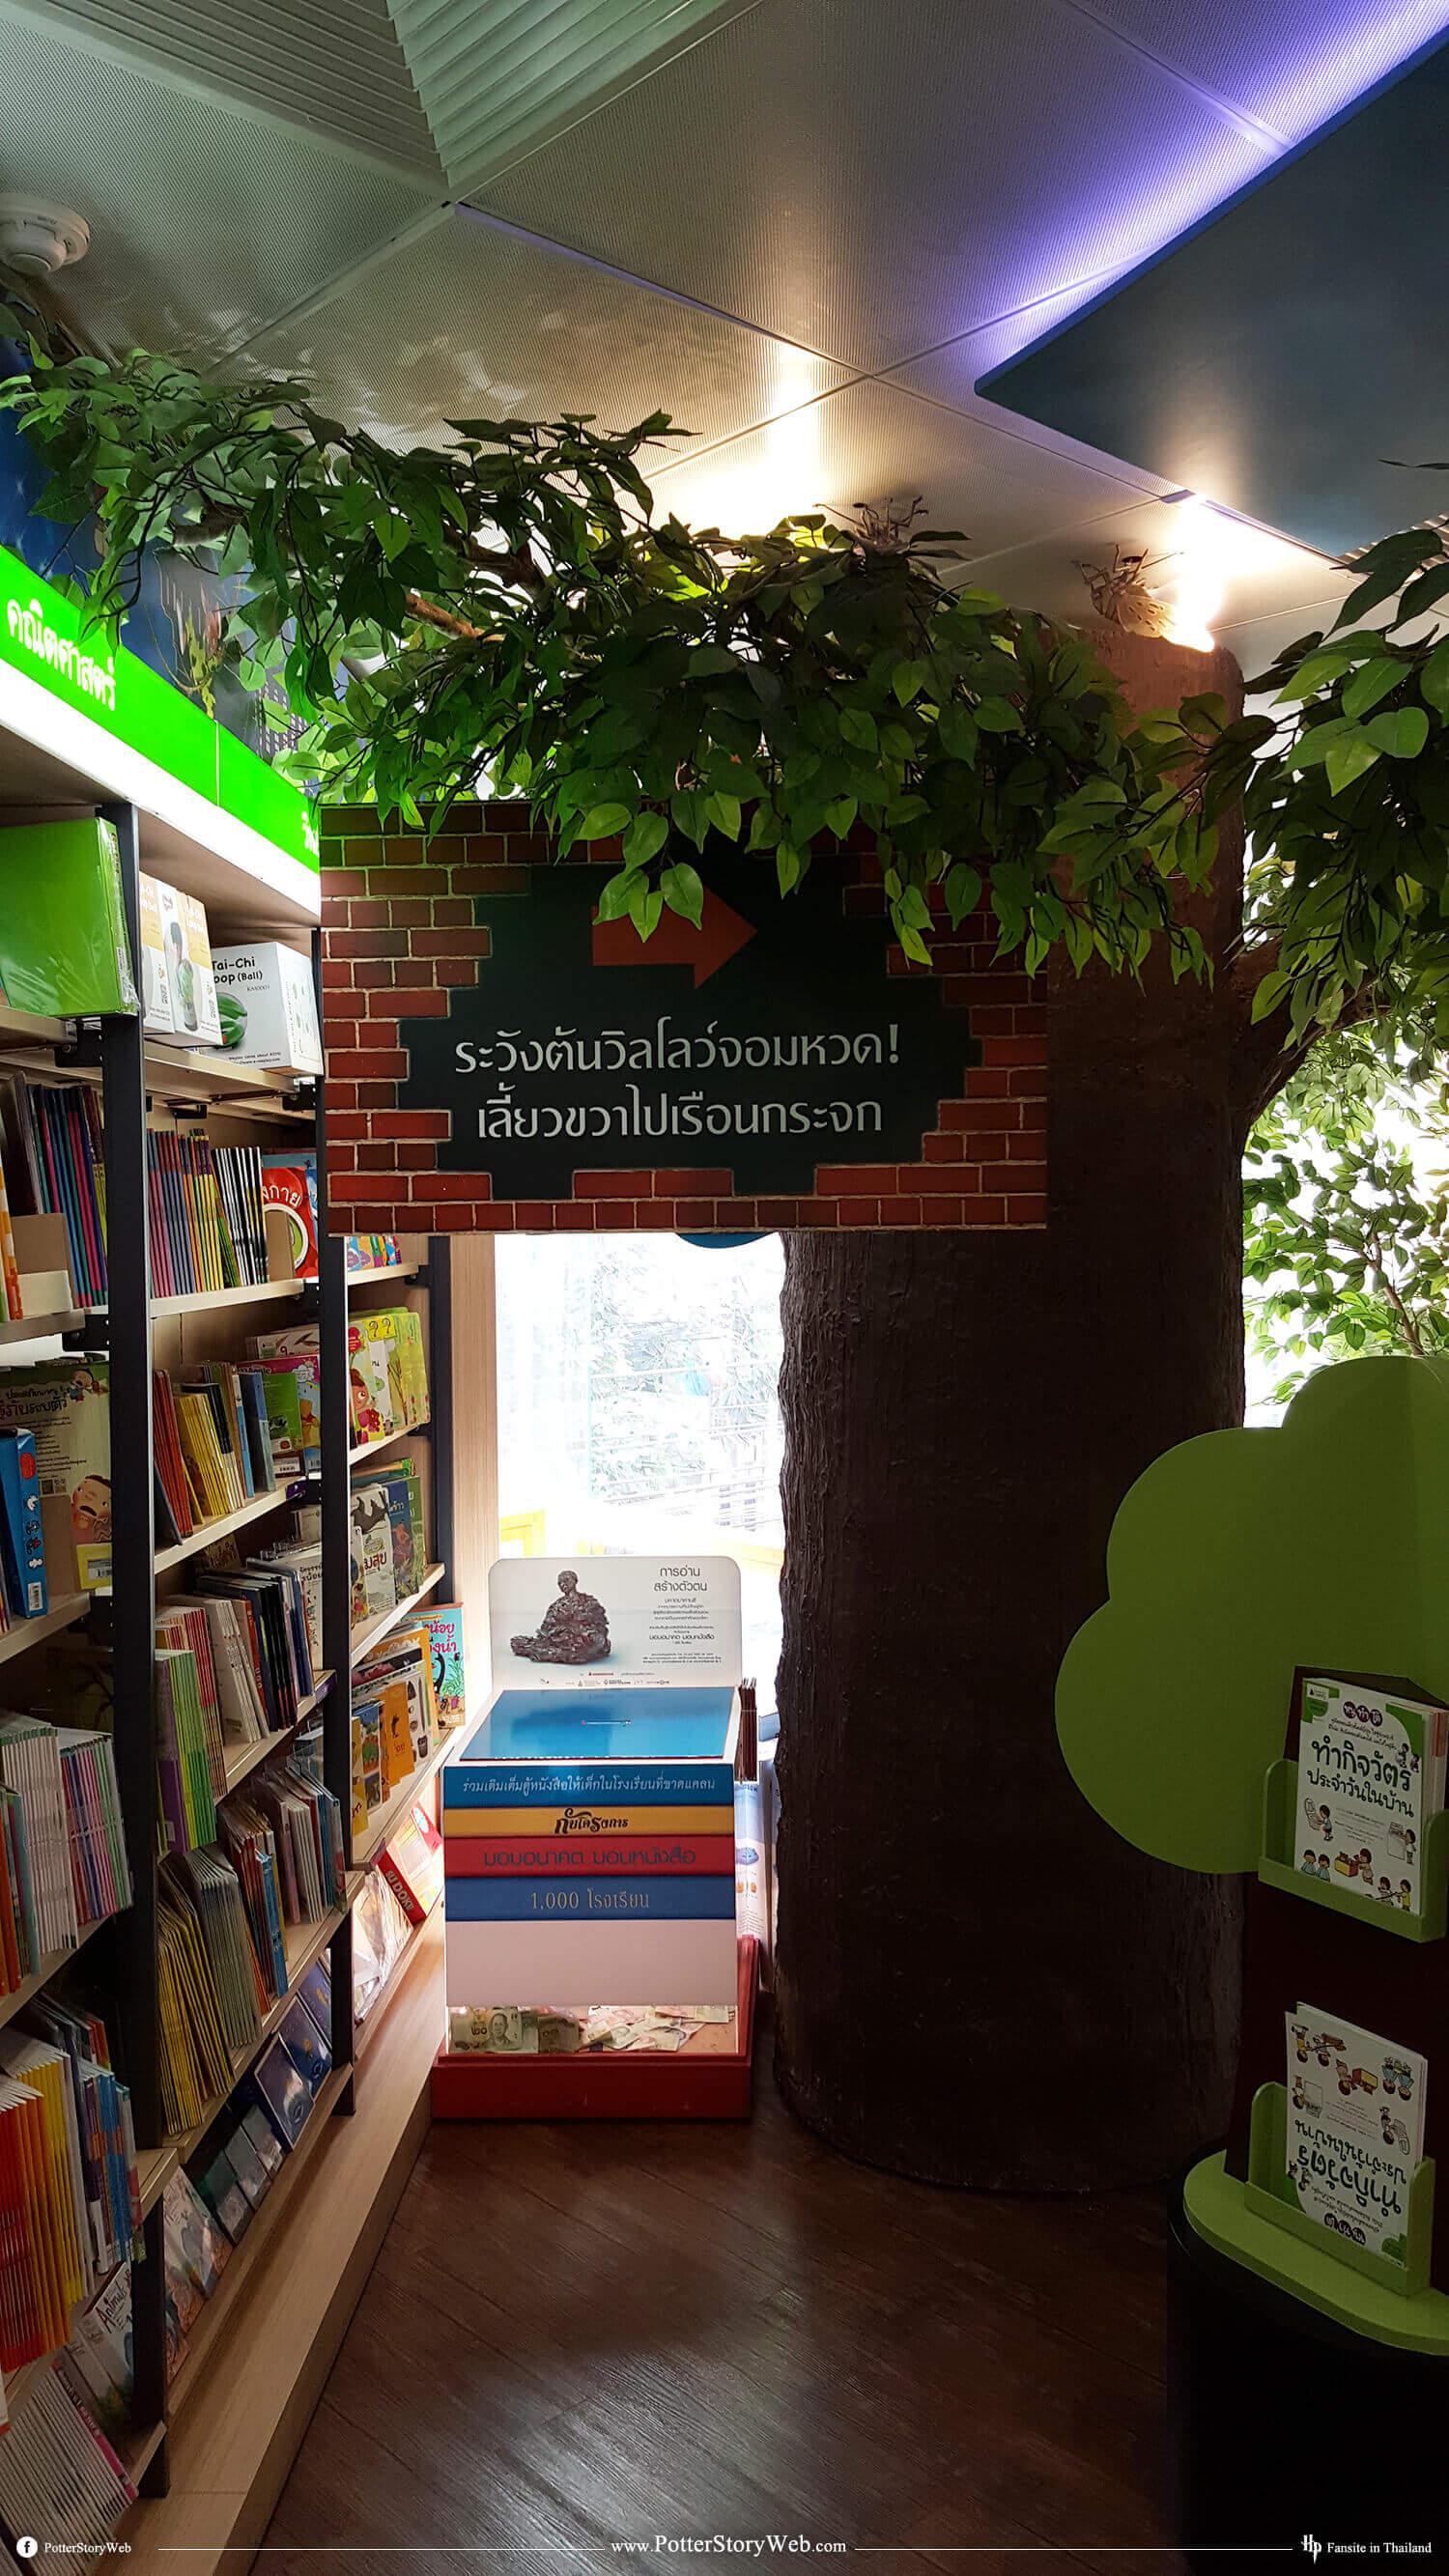 ภาพงานเปิดตัวหนังสือ